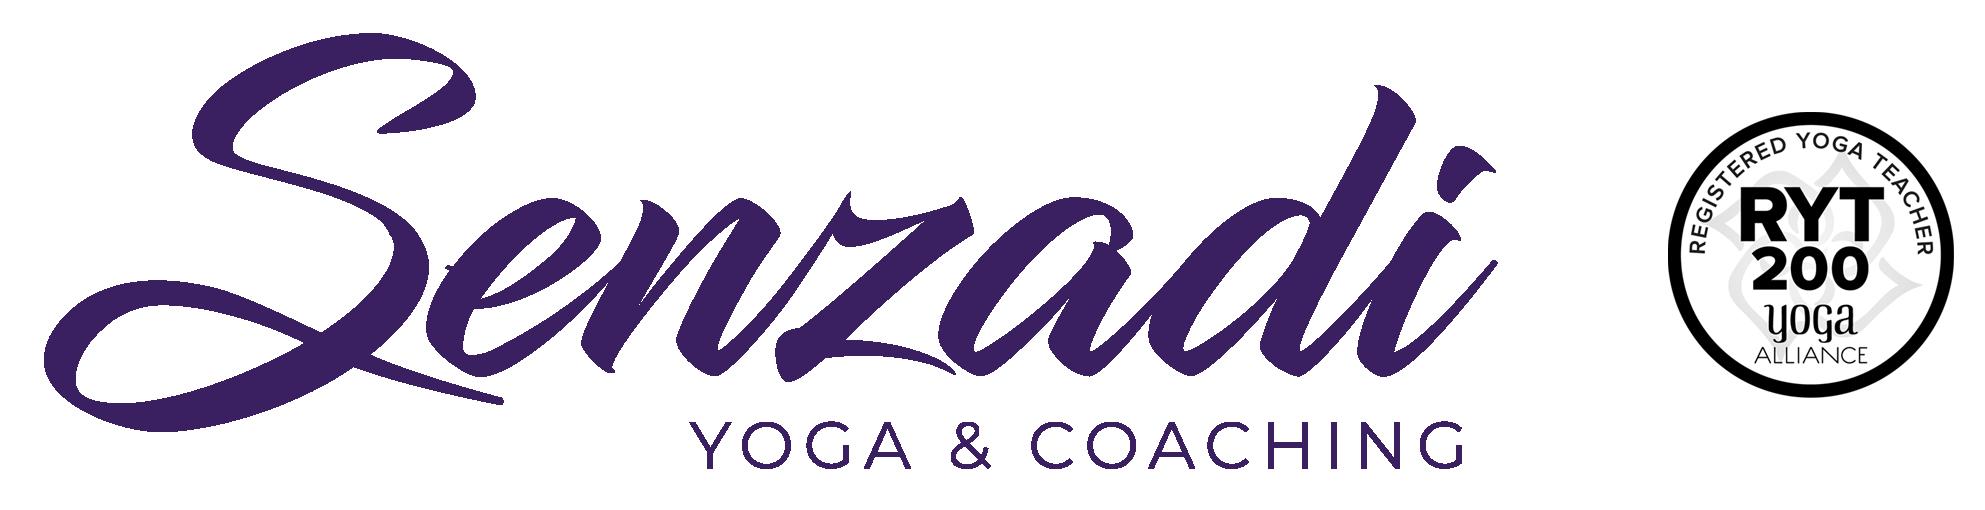 Senzadi yoga